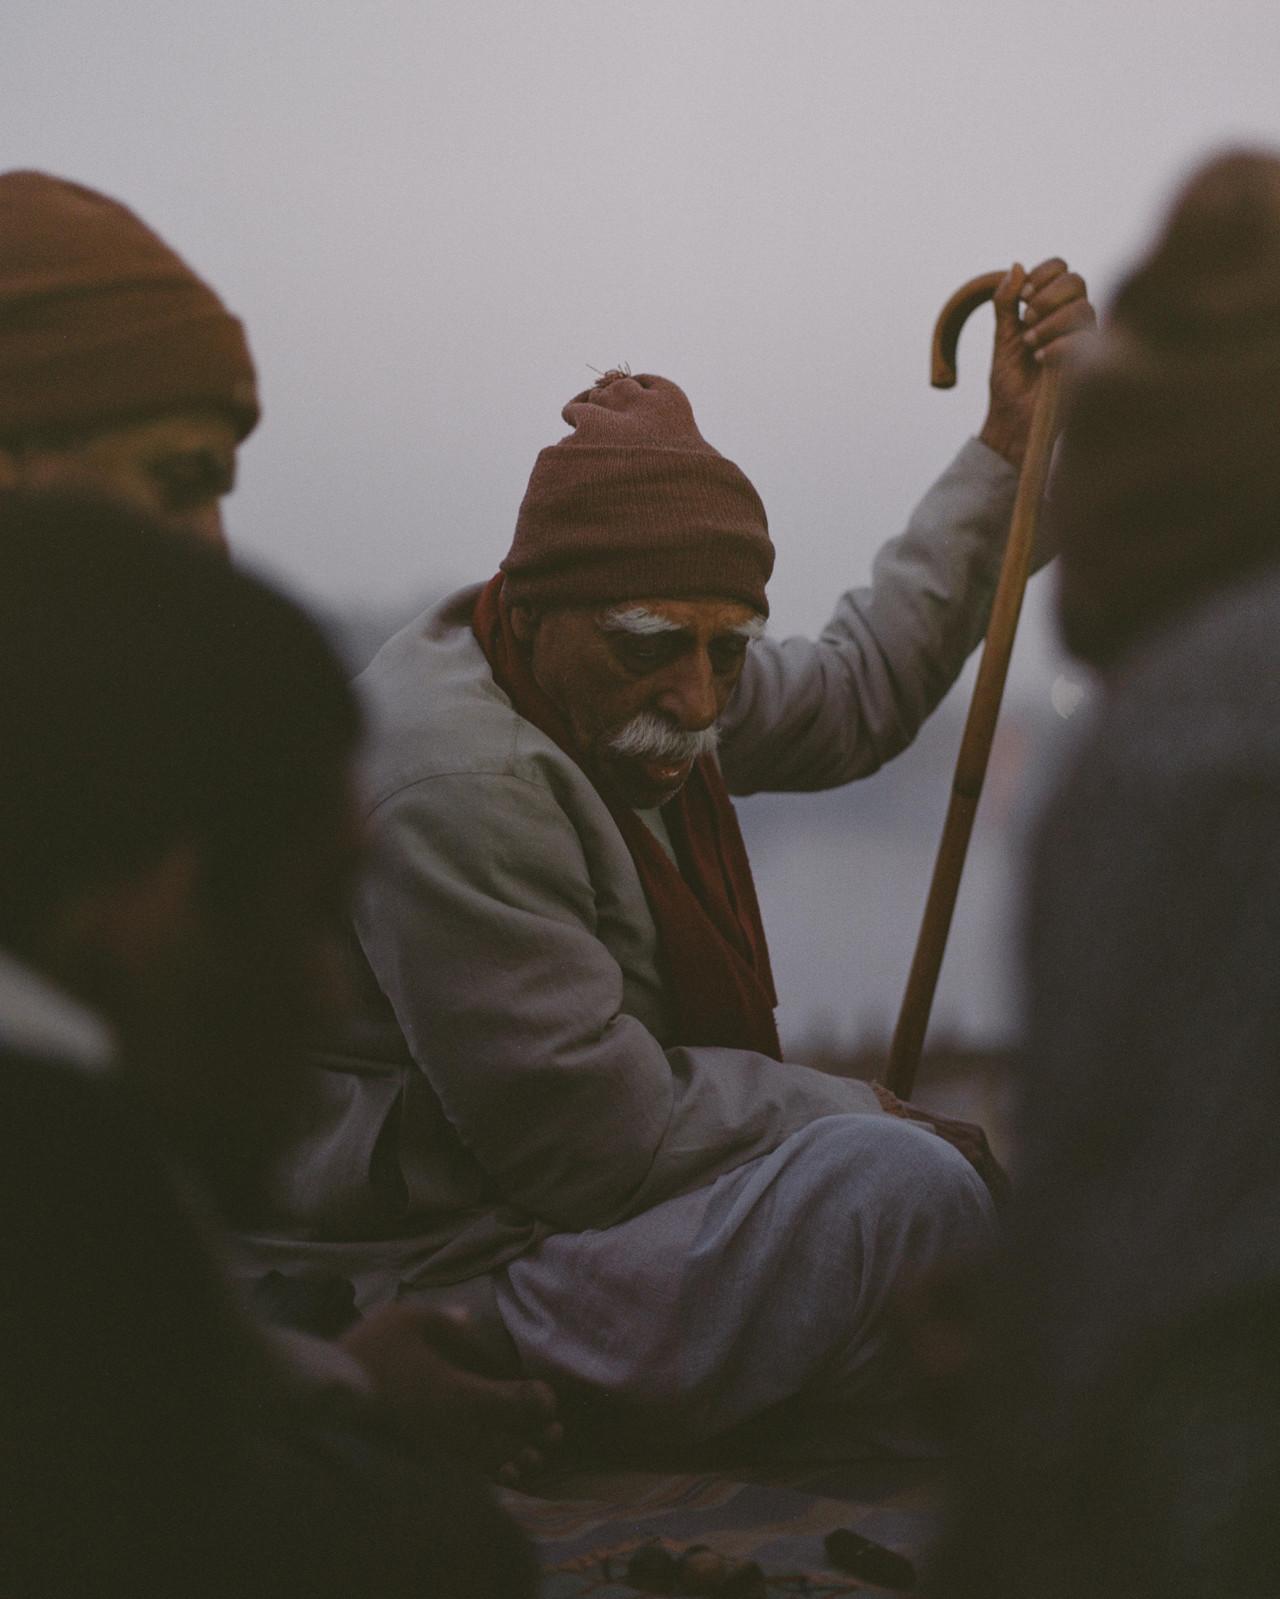 DIVERSIONS KUSHAL GUPTA